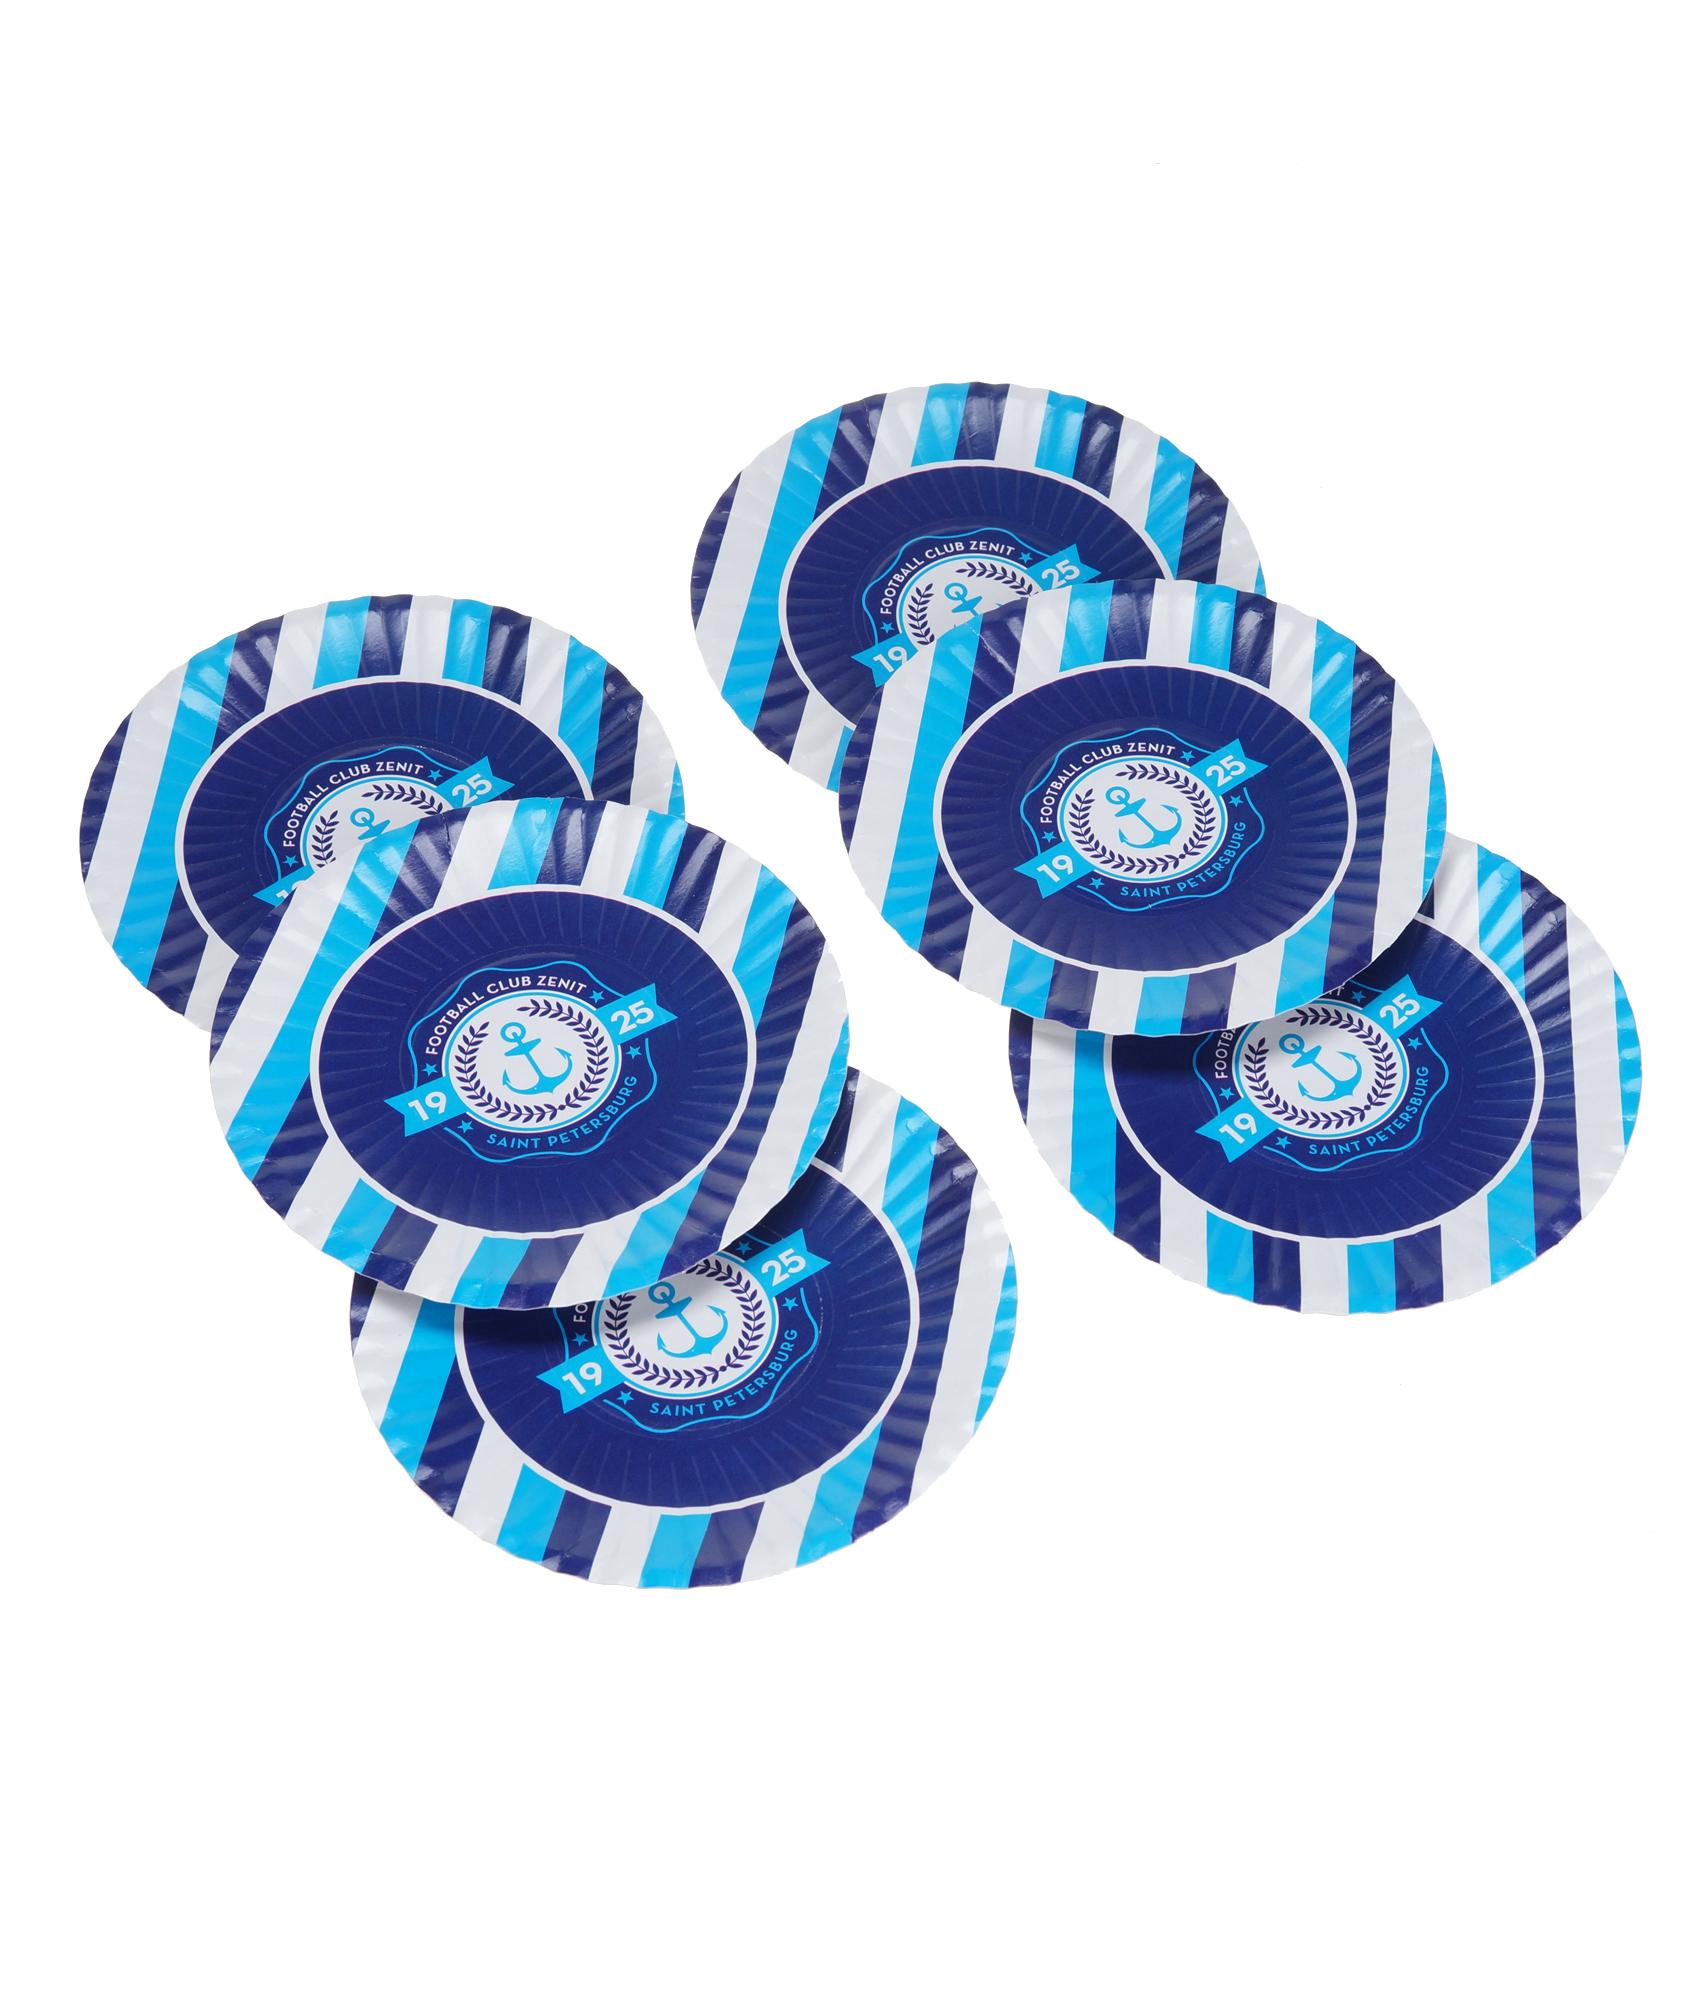 Набор бумажных тарелок 170 мм Зенит строительные машины набор из 6 бумажных заготовок